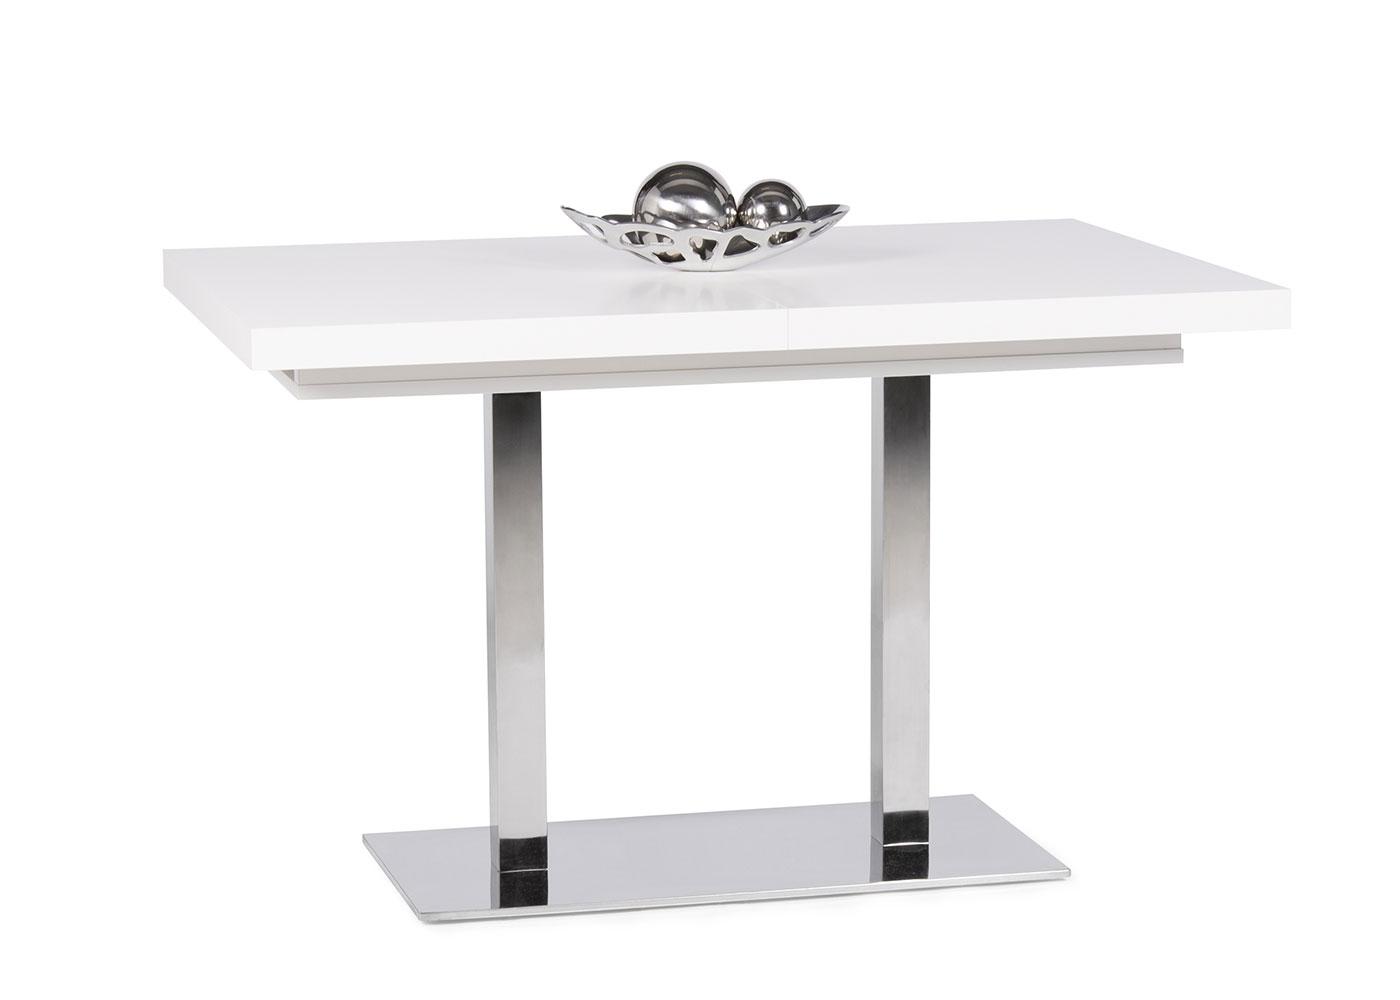 Jídelní stůl rozkládací August, 200 cm, bílá